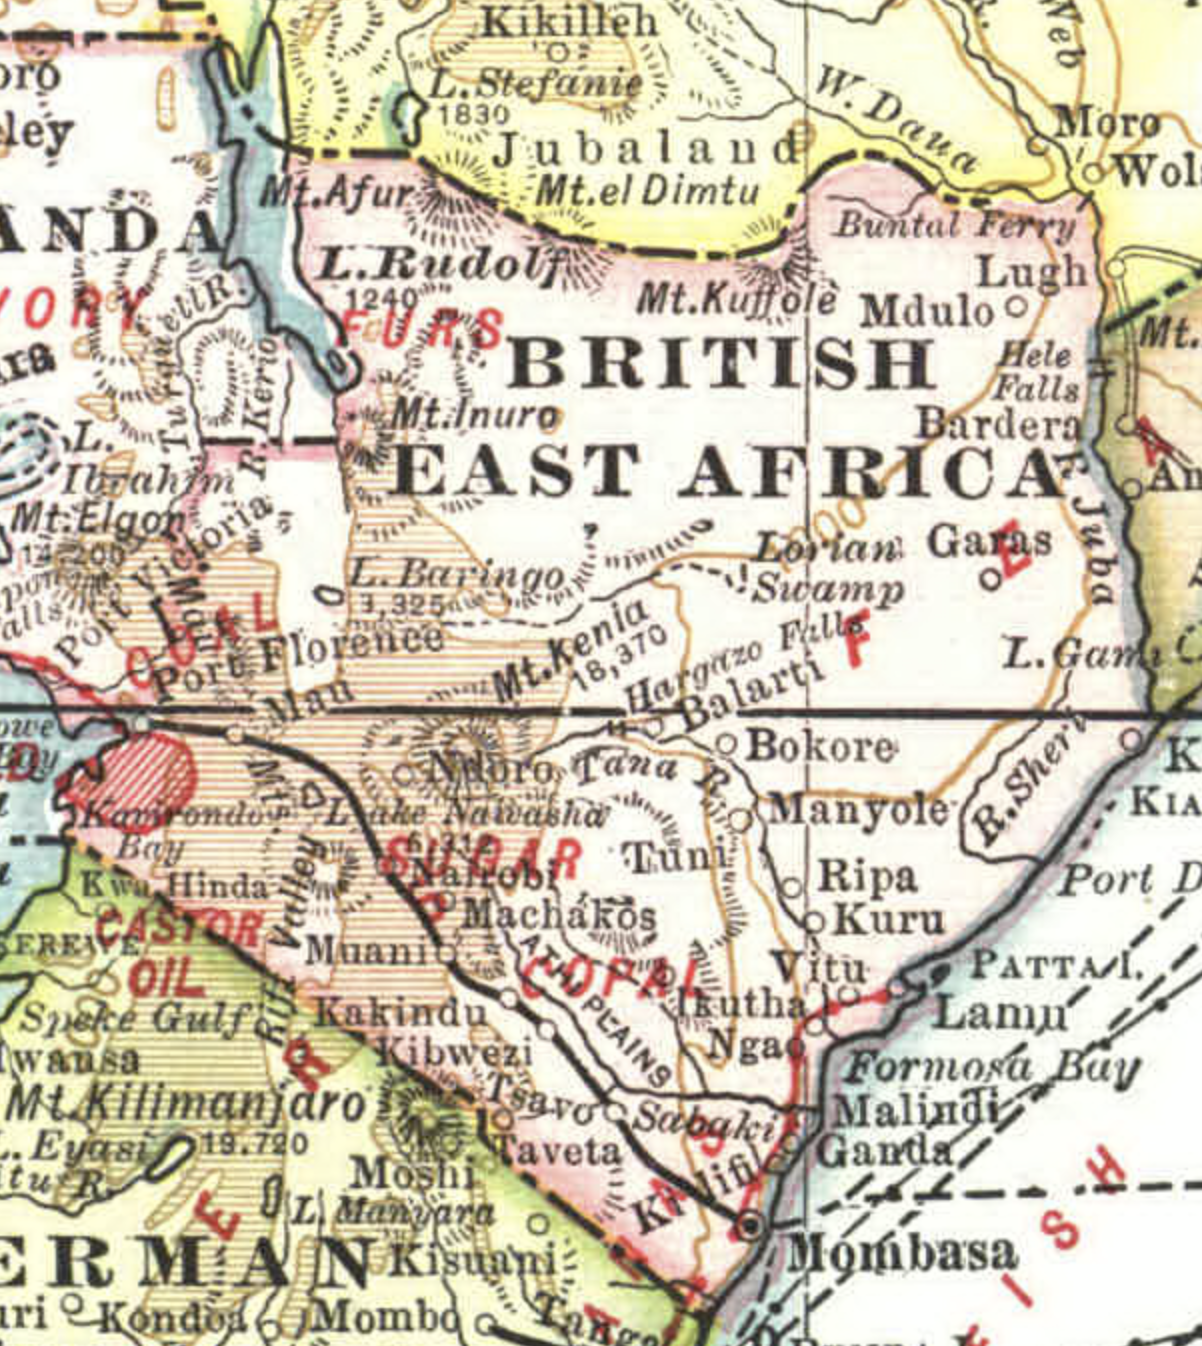 מפת מזרח אפריקה